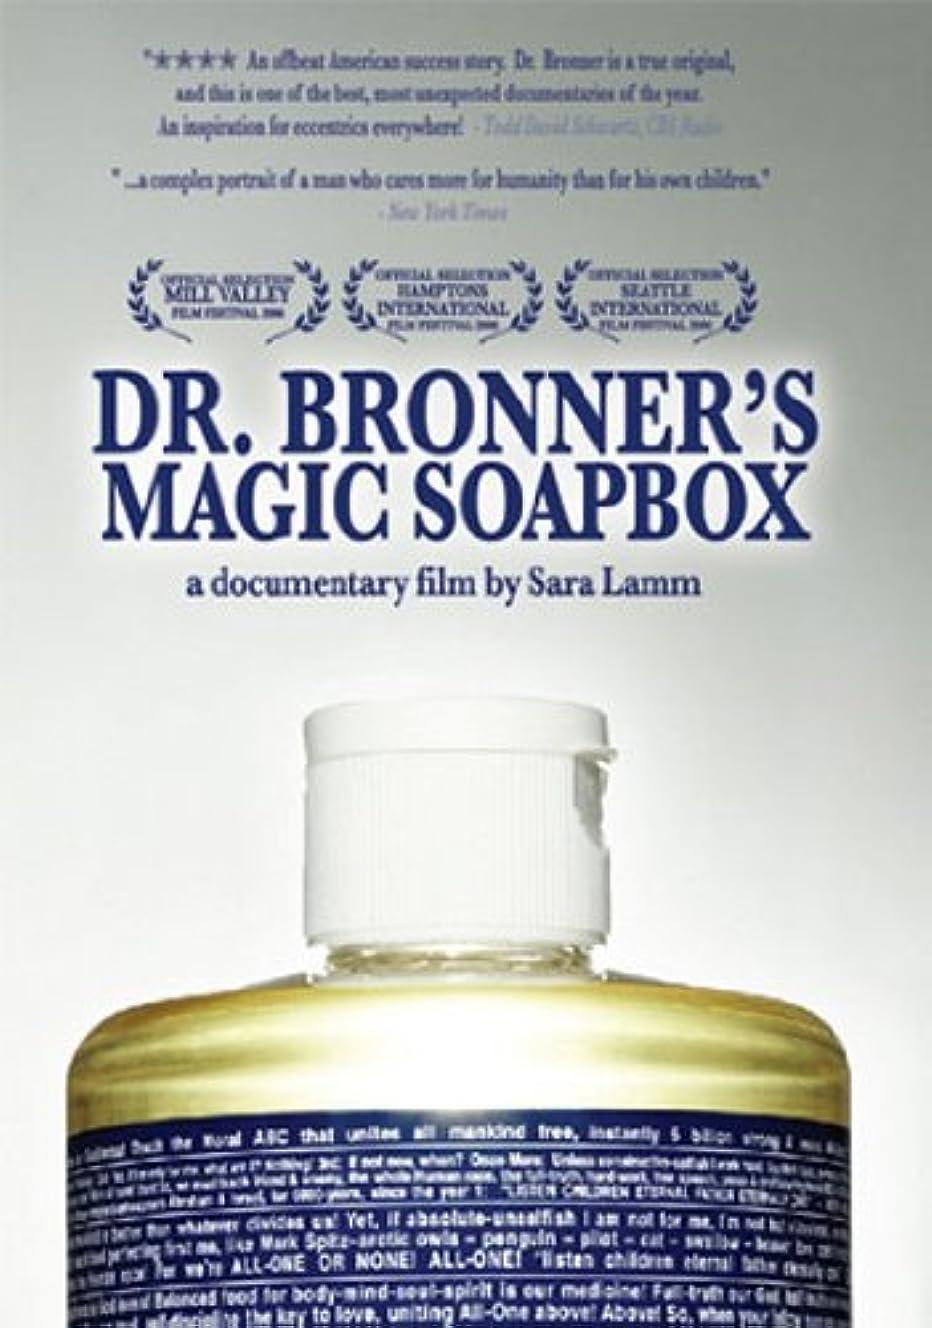 ボックスバス人気Dr Bronner's Magic Soapbox [DVD] [Import]